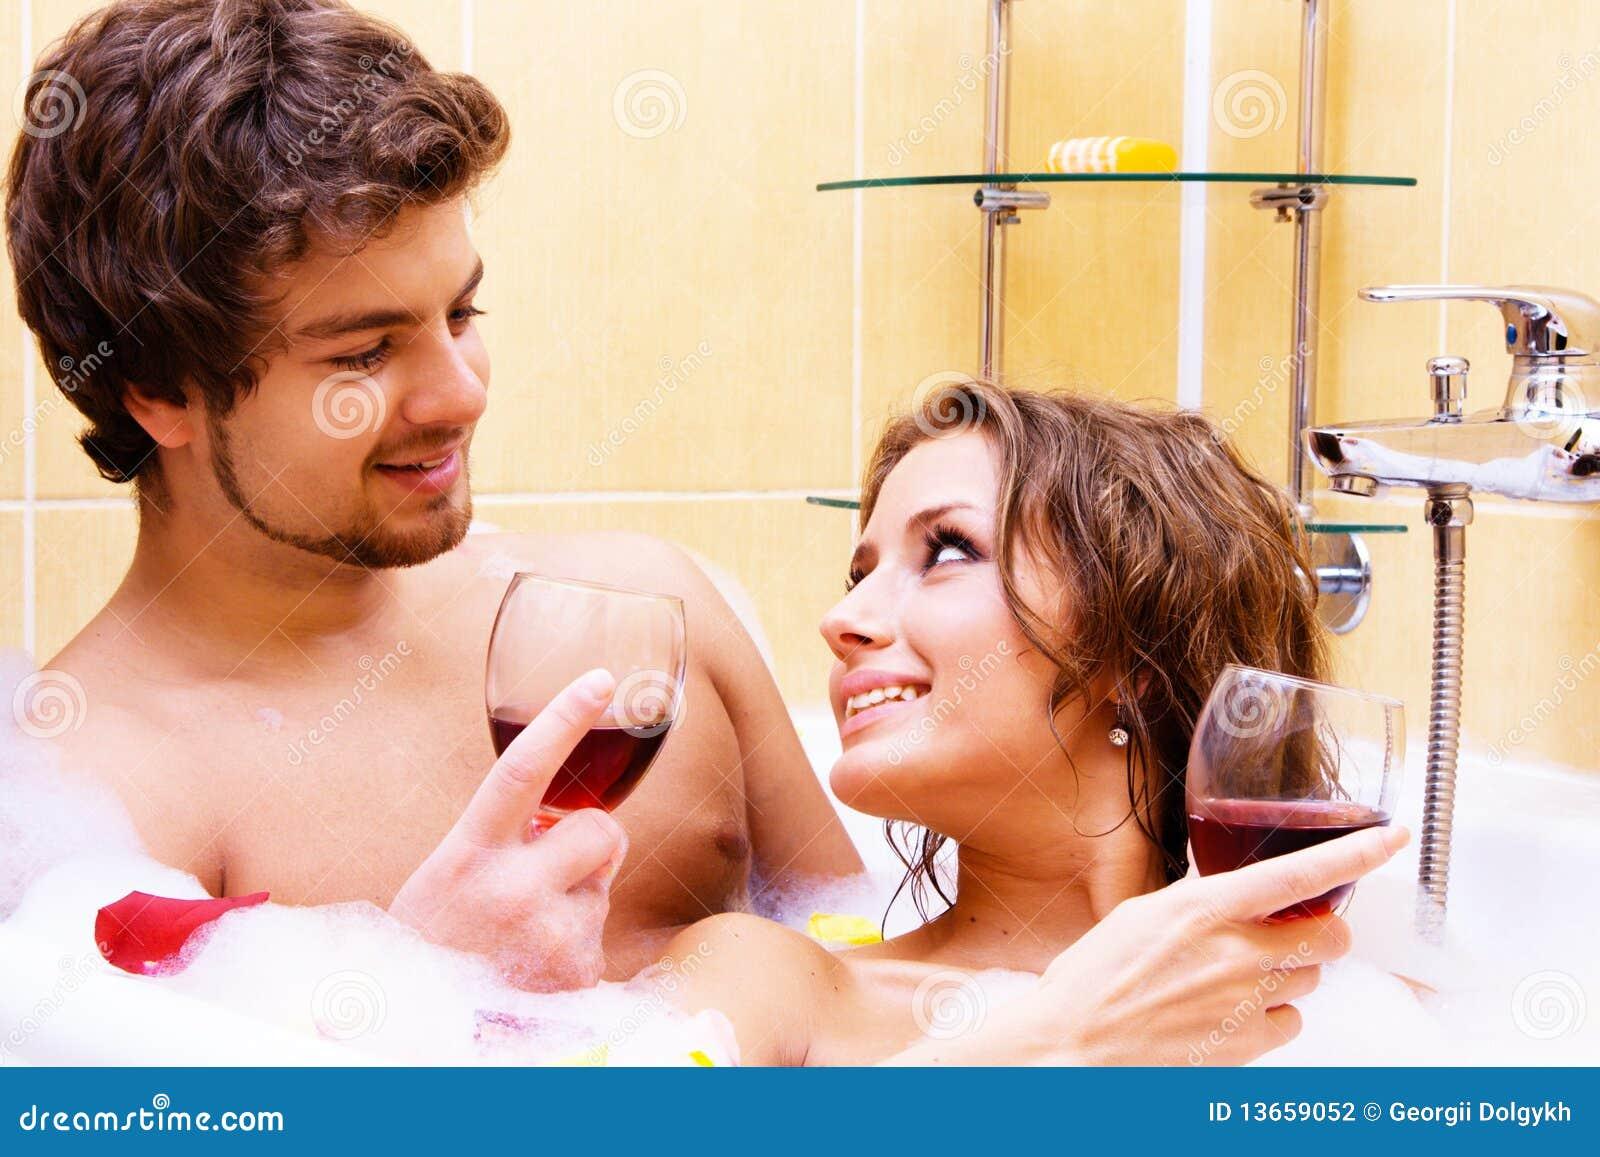 Секс с алкоголем смотреть онлайн 19 фотография